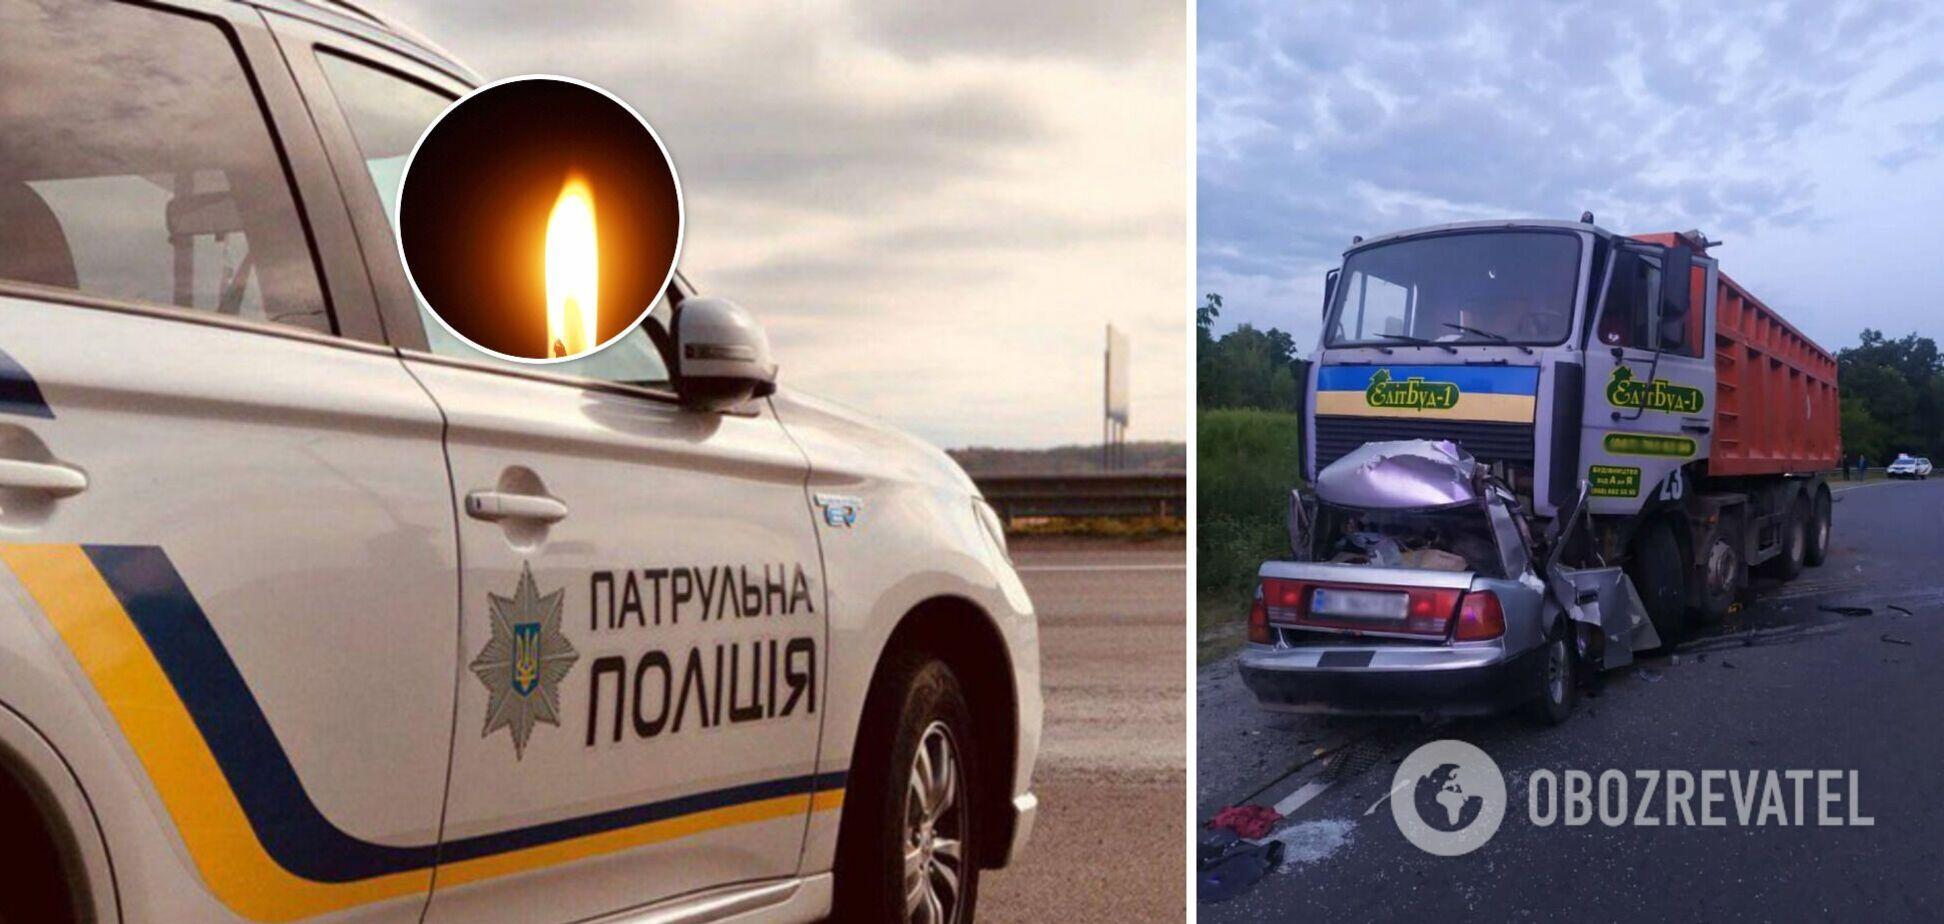 На Полтавщині автомобіль в'їхав під вантажівку: загинули 4 людини